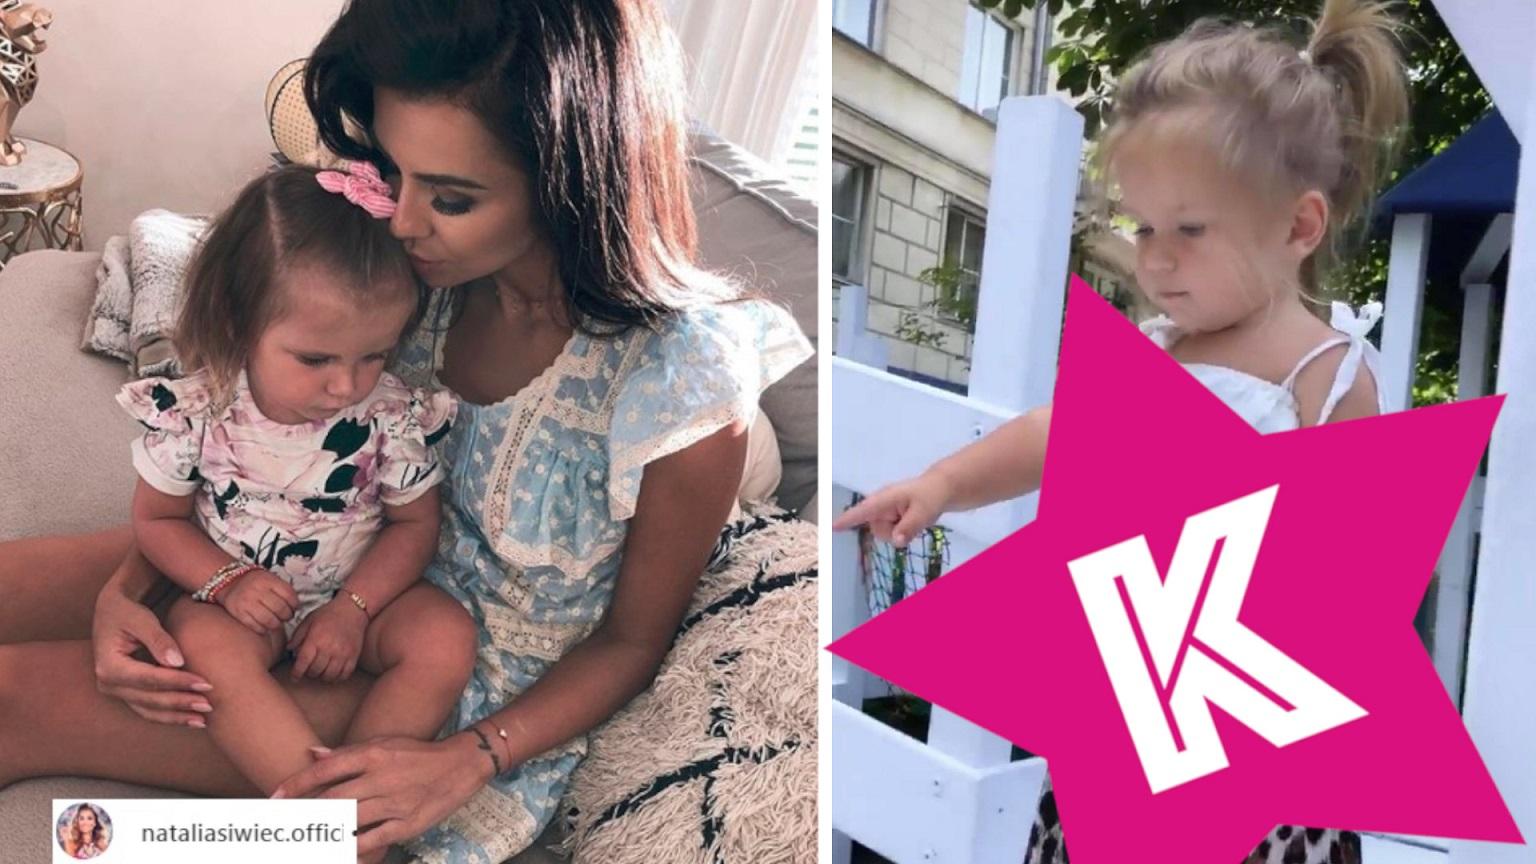 Córka Natalii Siwiec wygląda, jak dorosła fashonistka – Co za komplecik